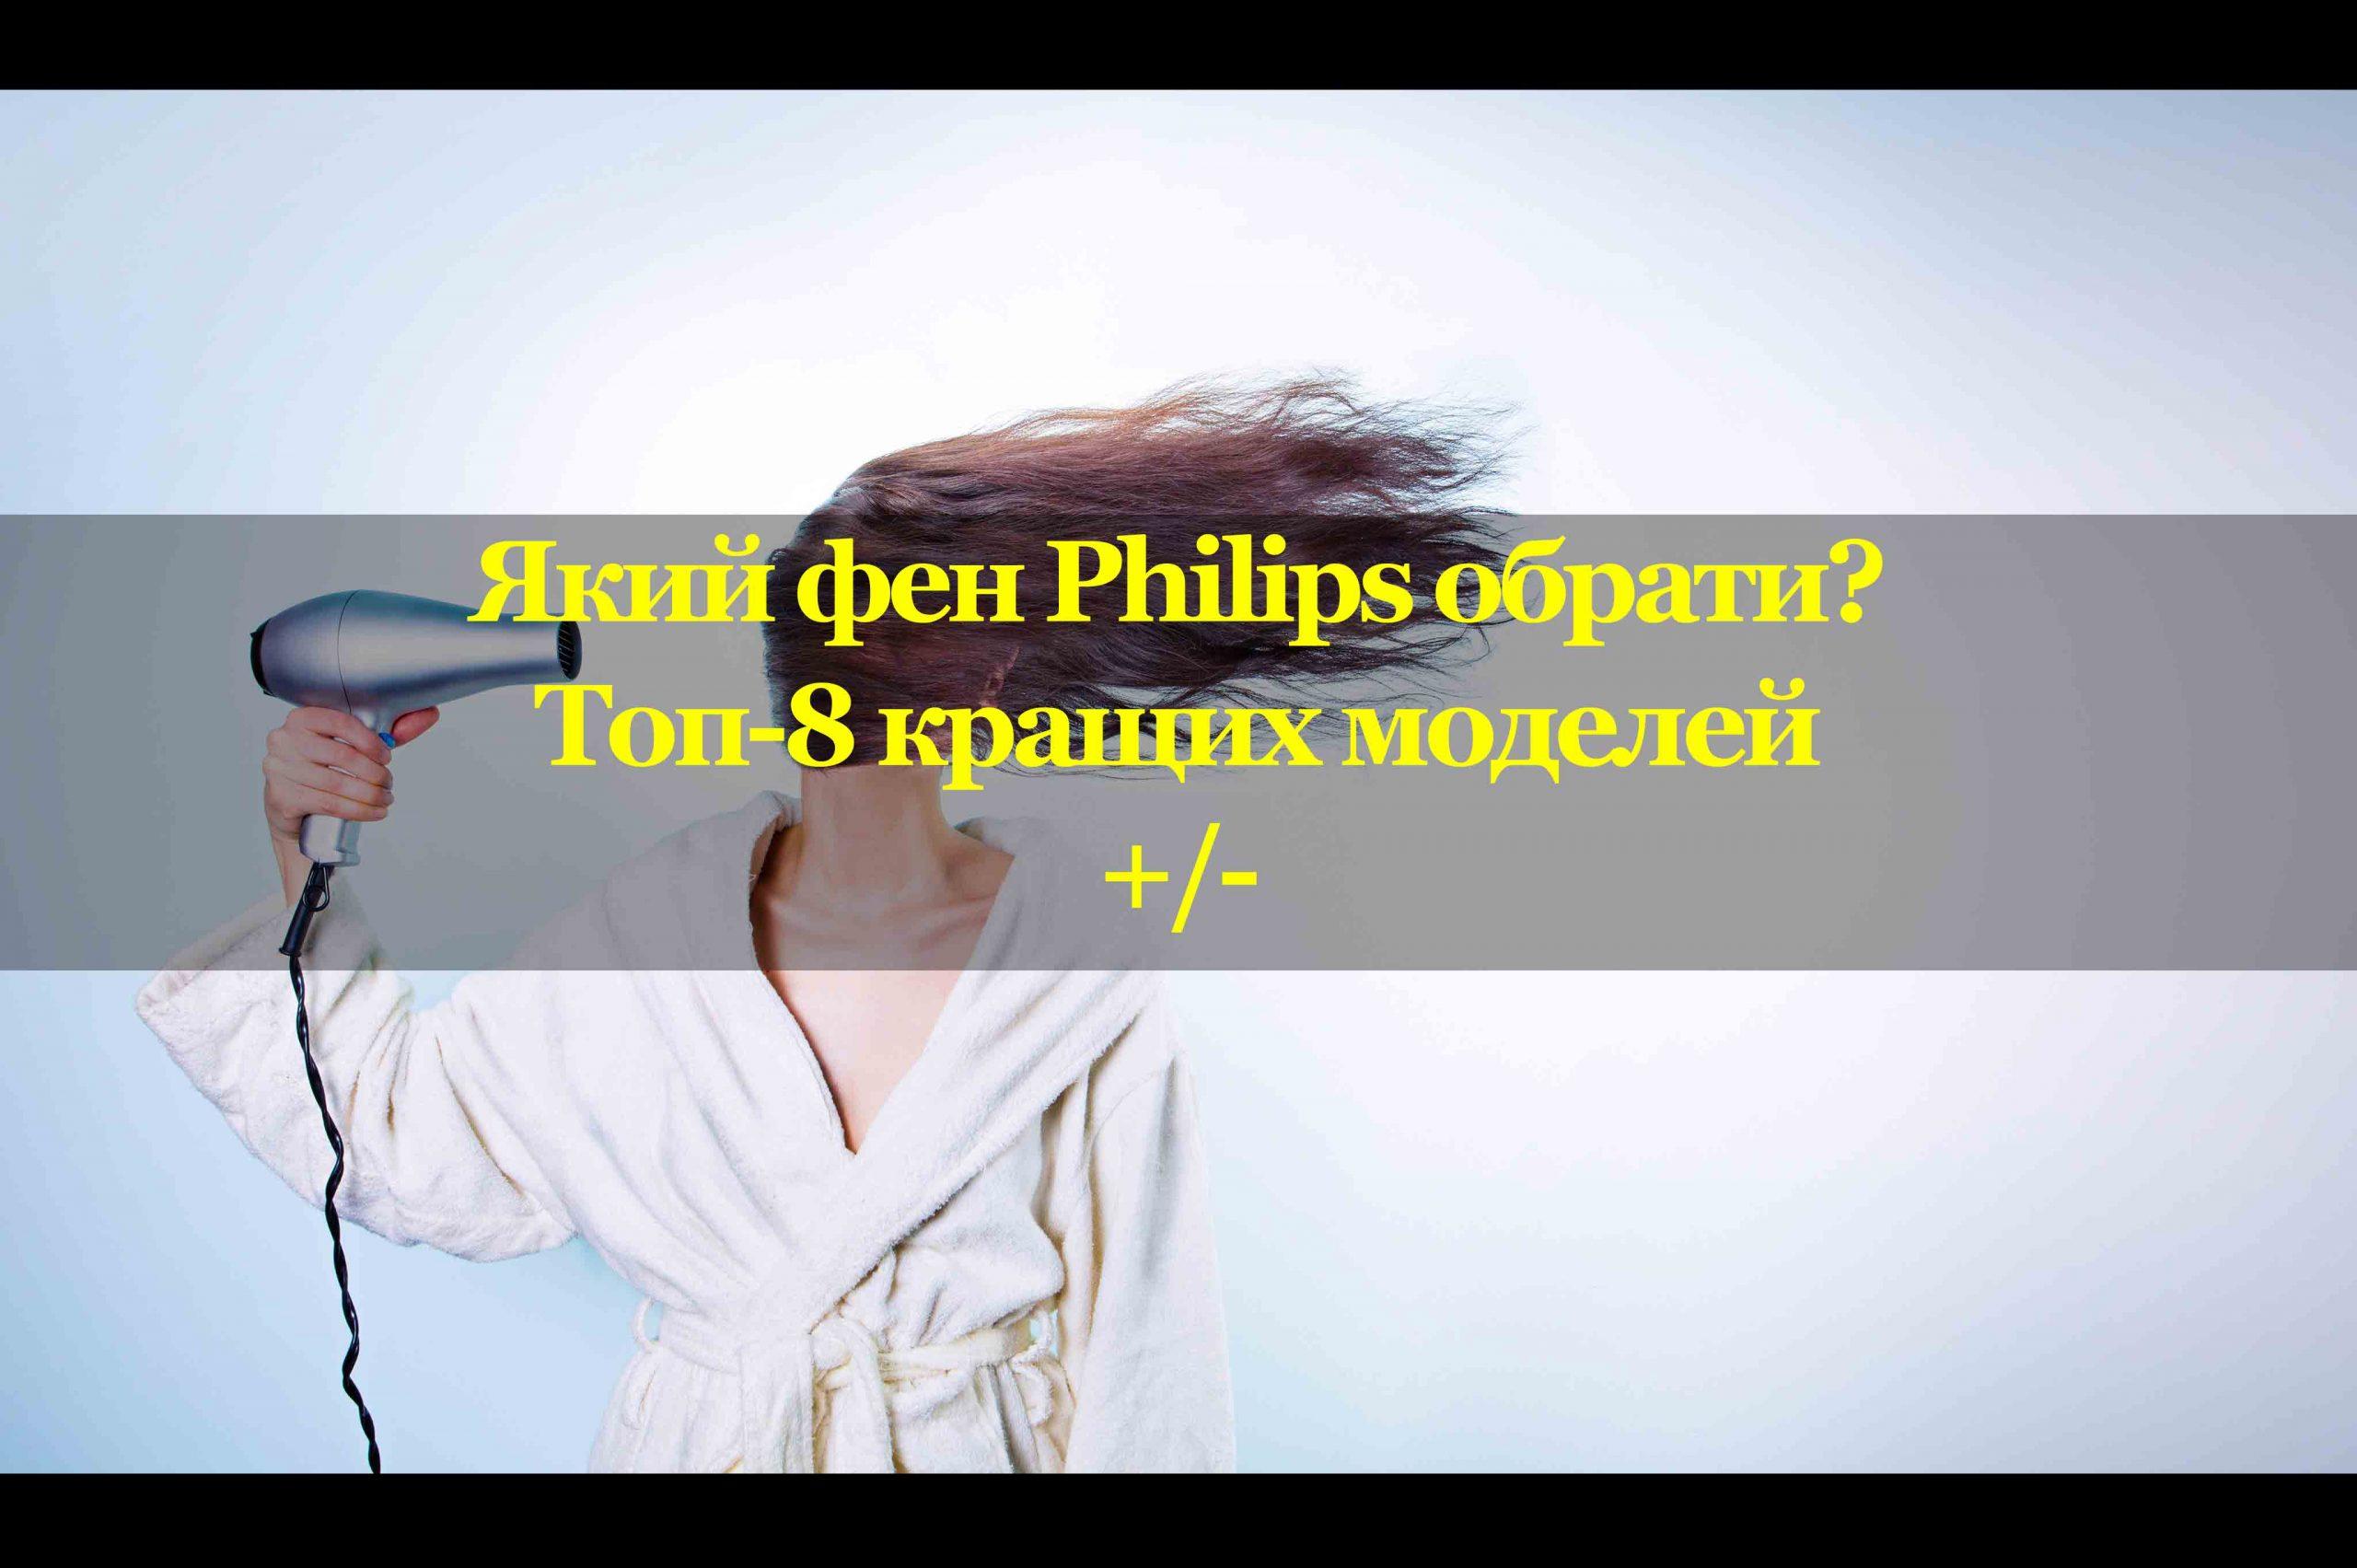 ТОП-8 фенів для волосся Philips: огляд і характеристики кращих моделей